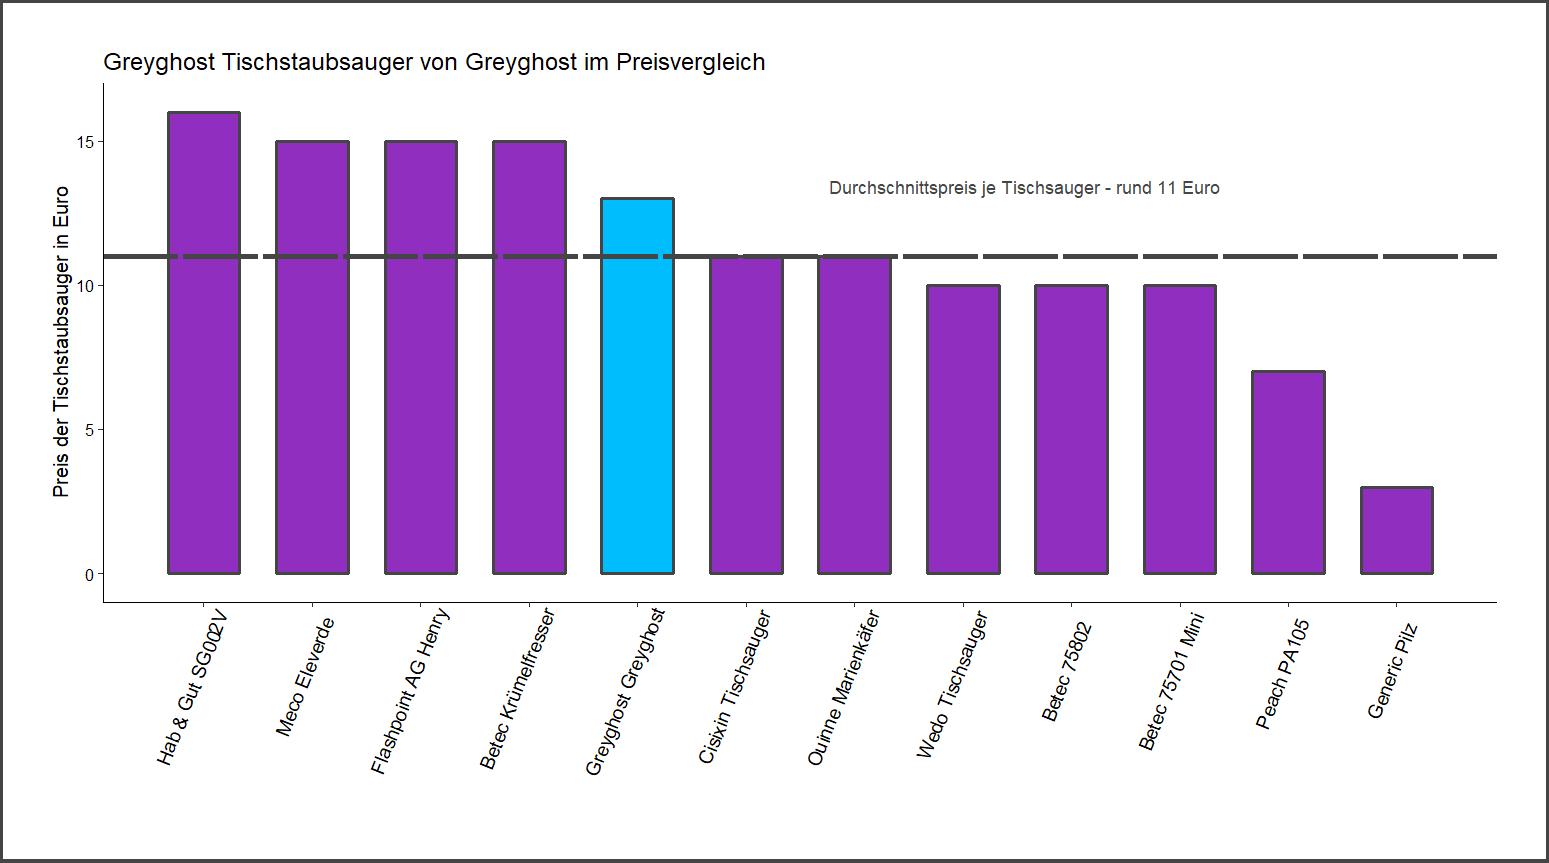 Preisvergleich von dem Greyghost Tischstaubsauger